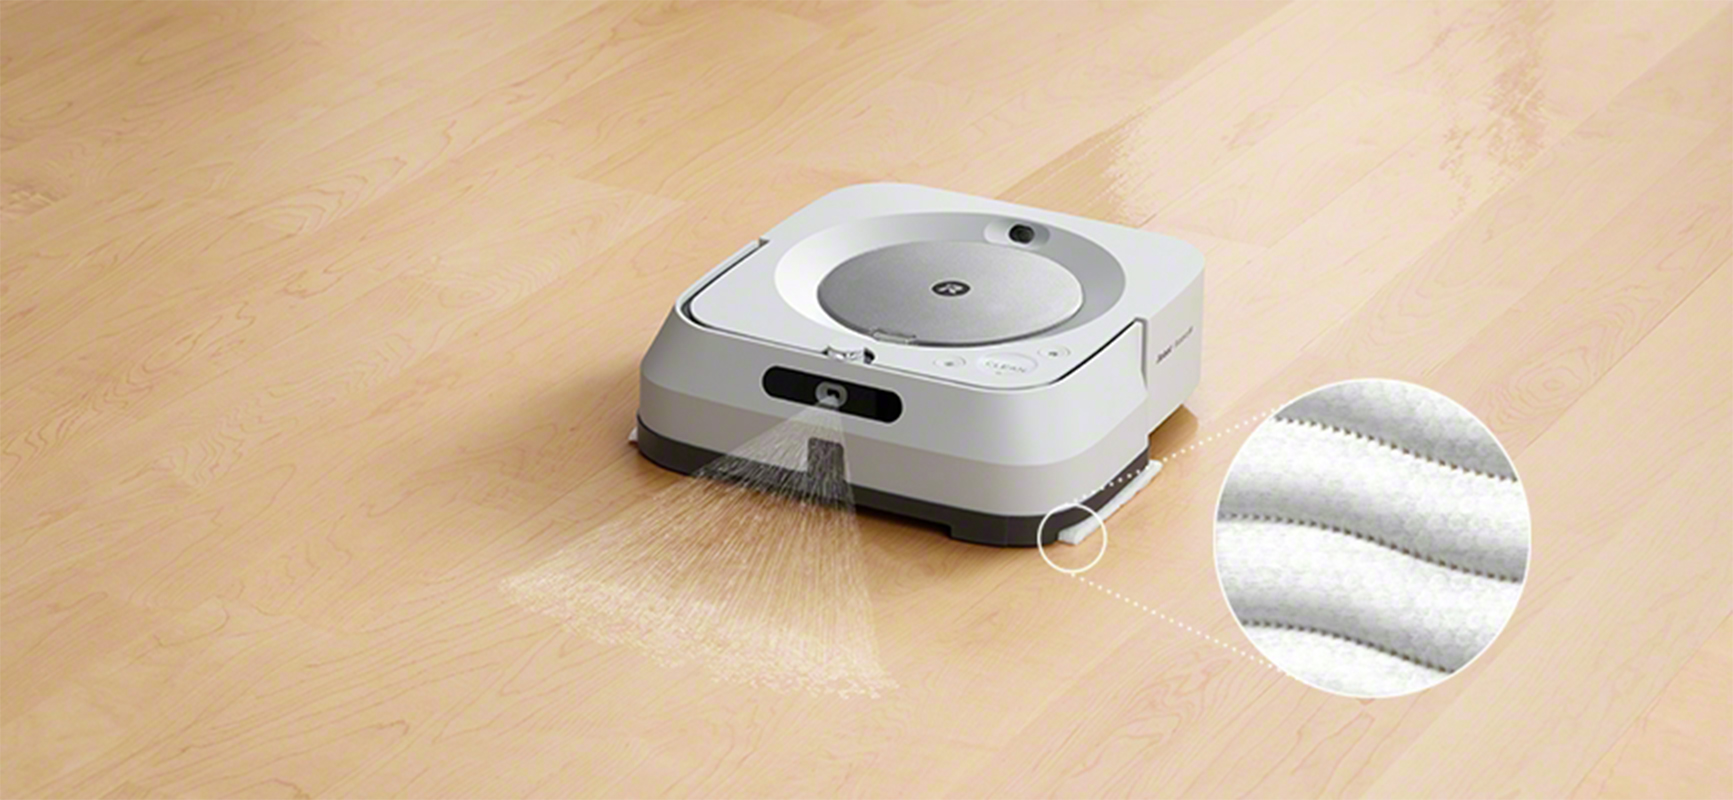 iRobot Braava Robot Mops